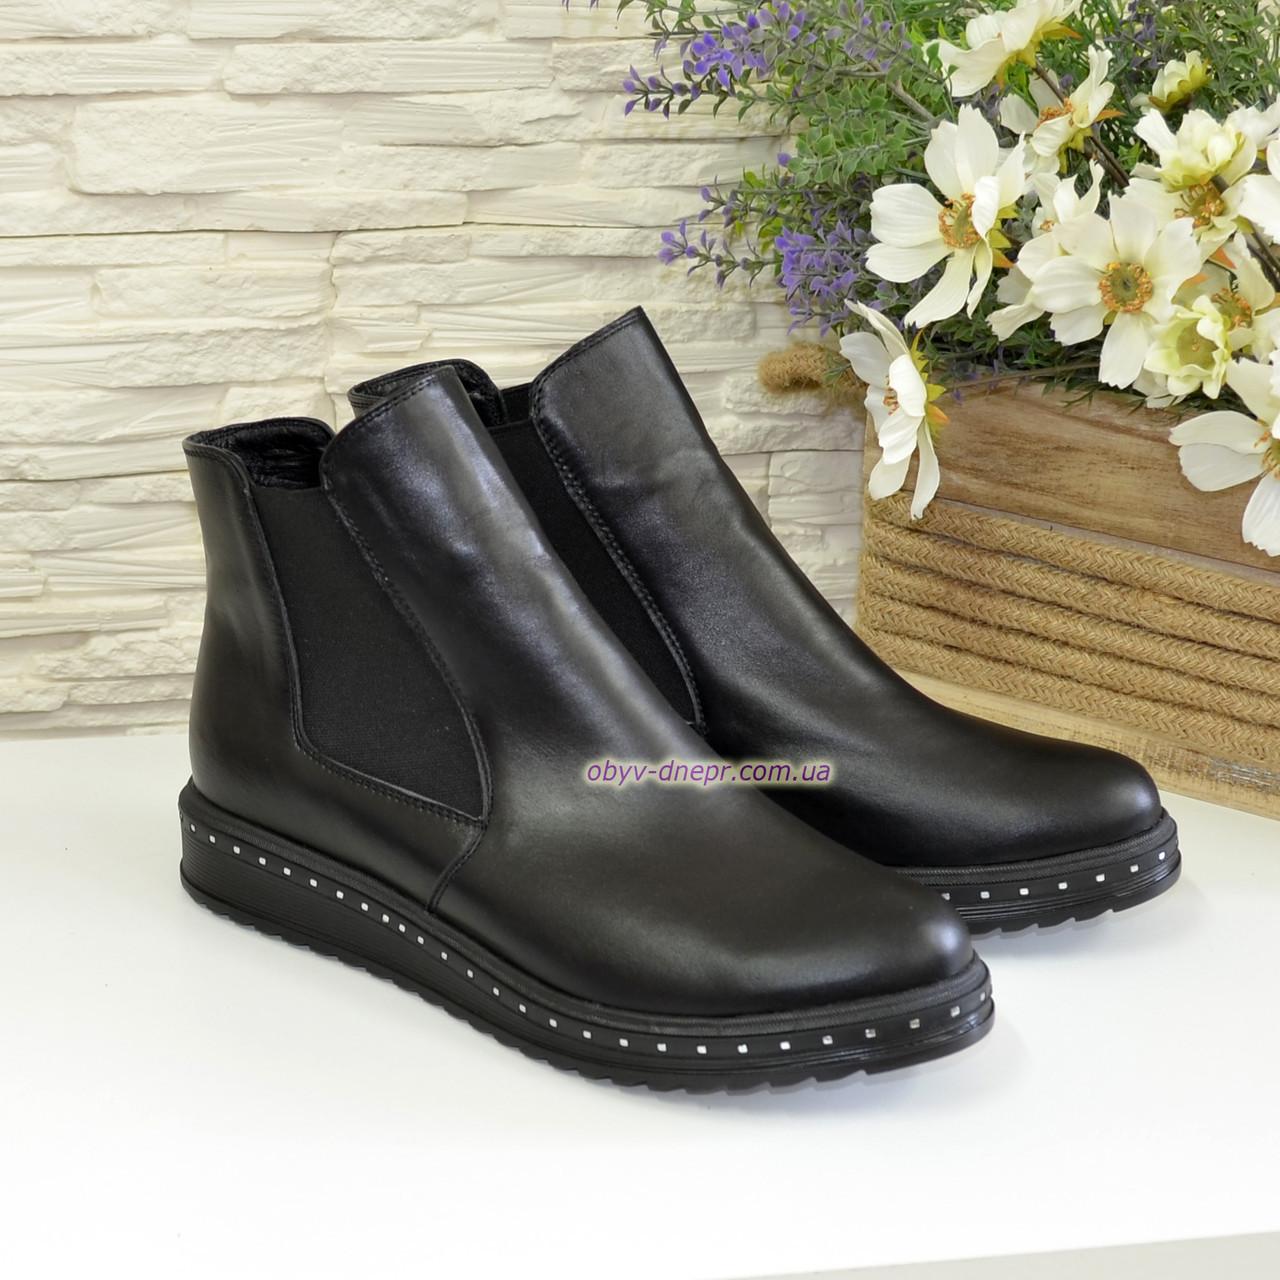 Женские черные кожаные демисезонные полуботинки, на утолщенной подошве